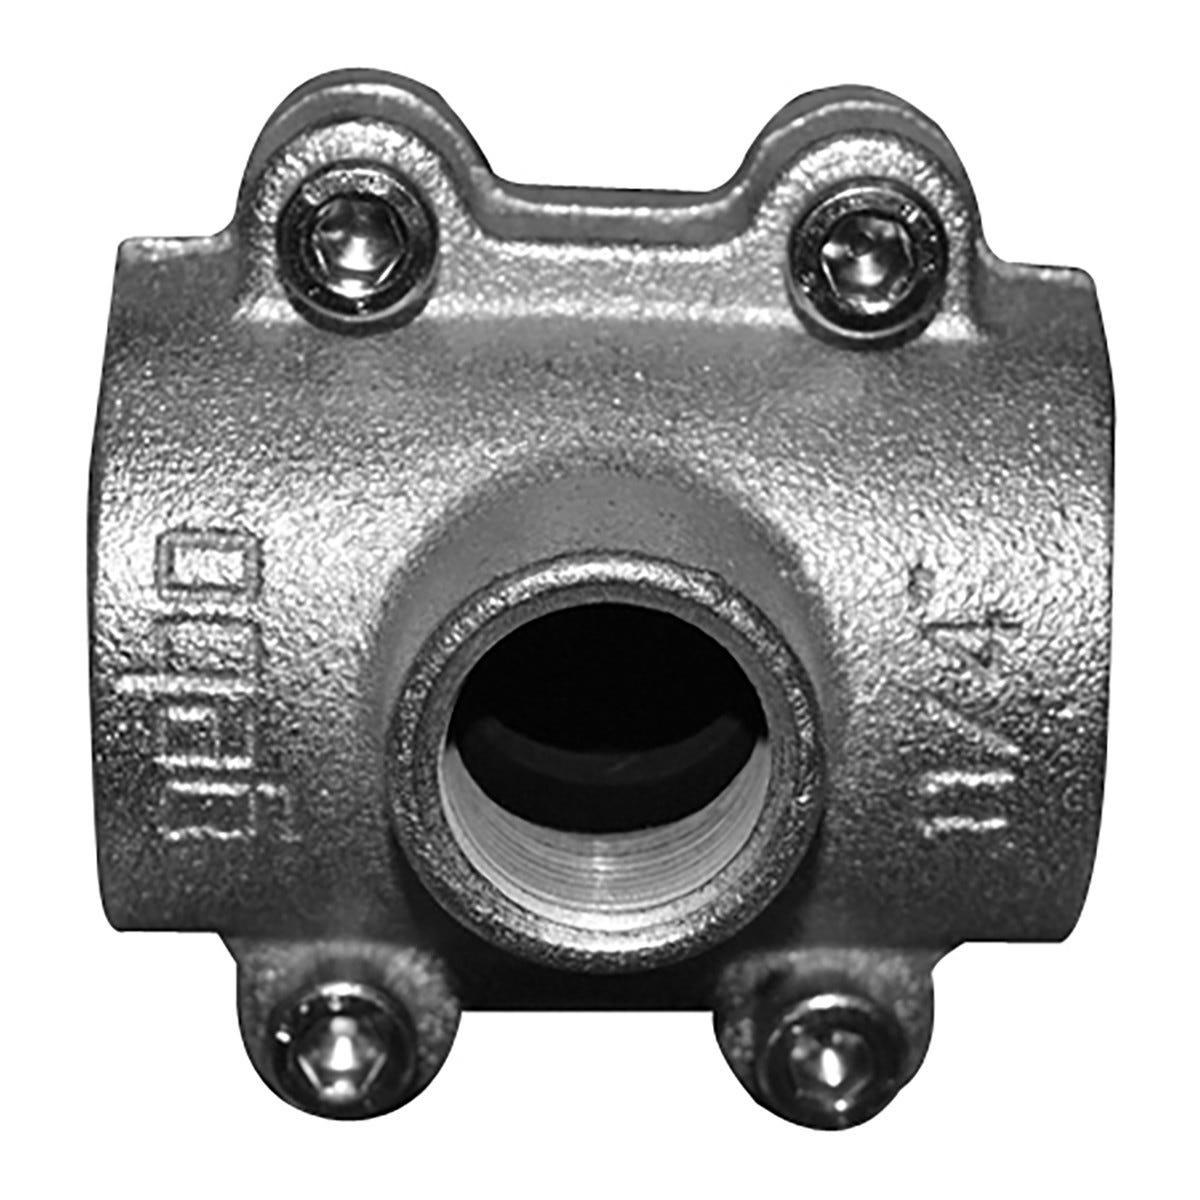 EE Presa A Staffa Tubo Ferro 1''1/4 X 3/4''